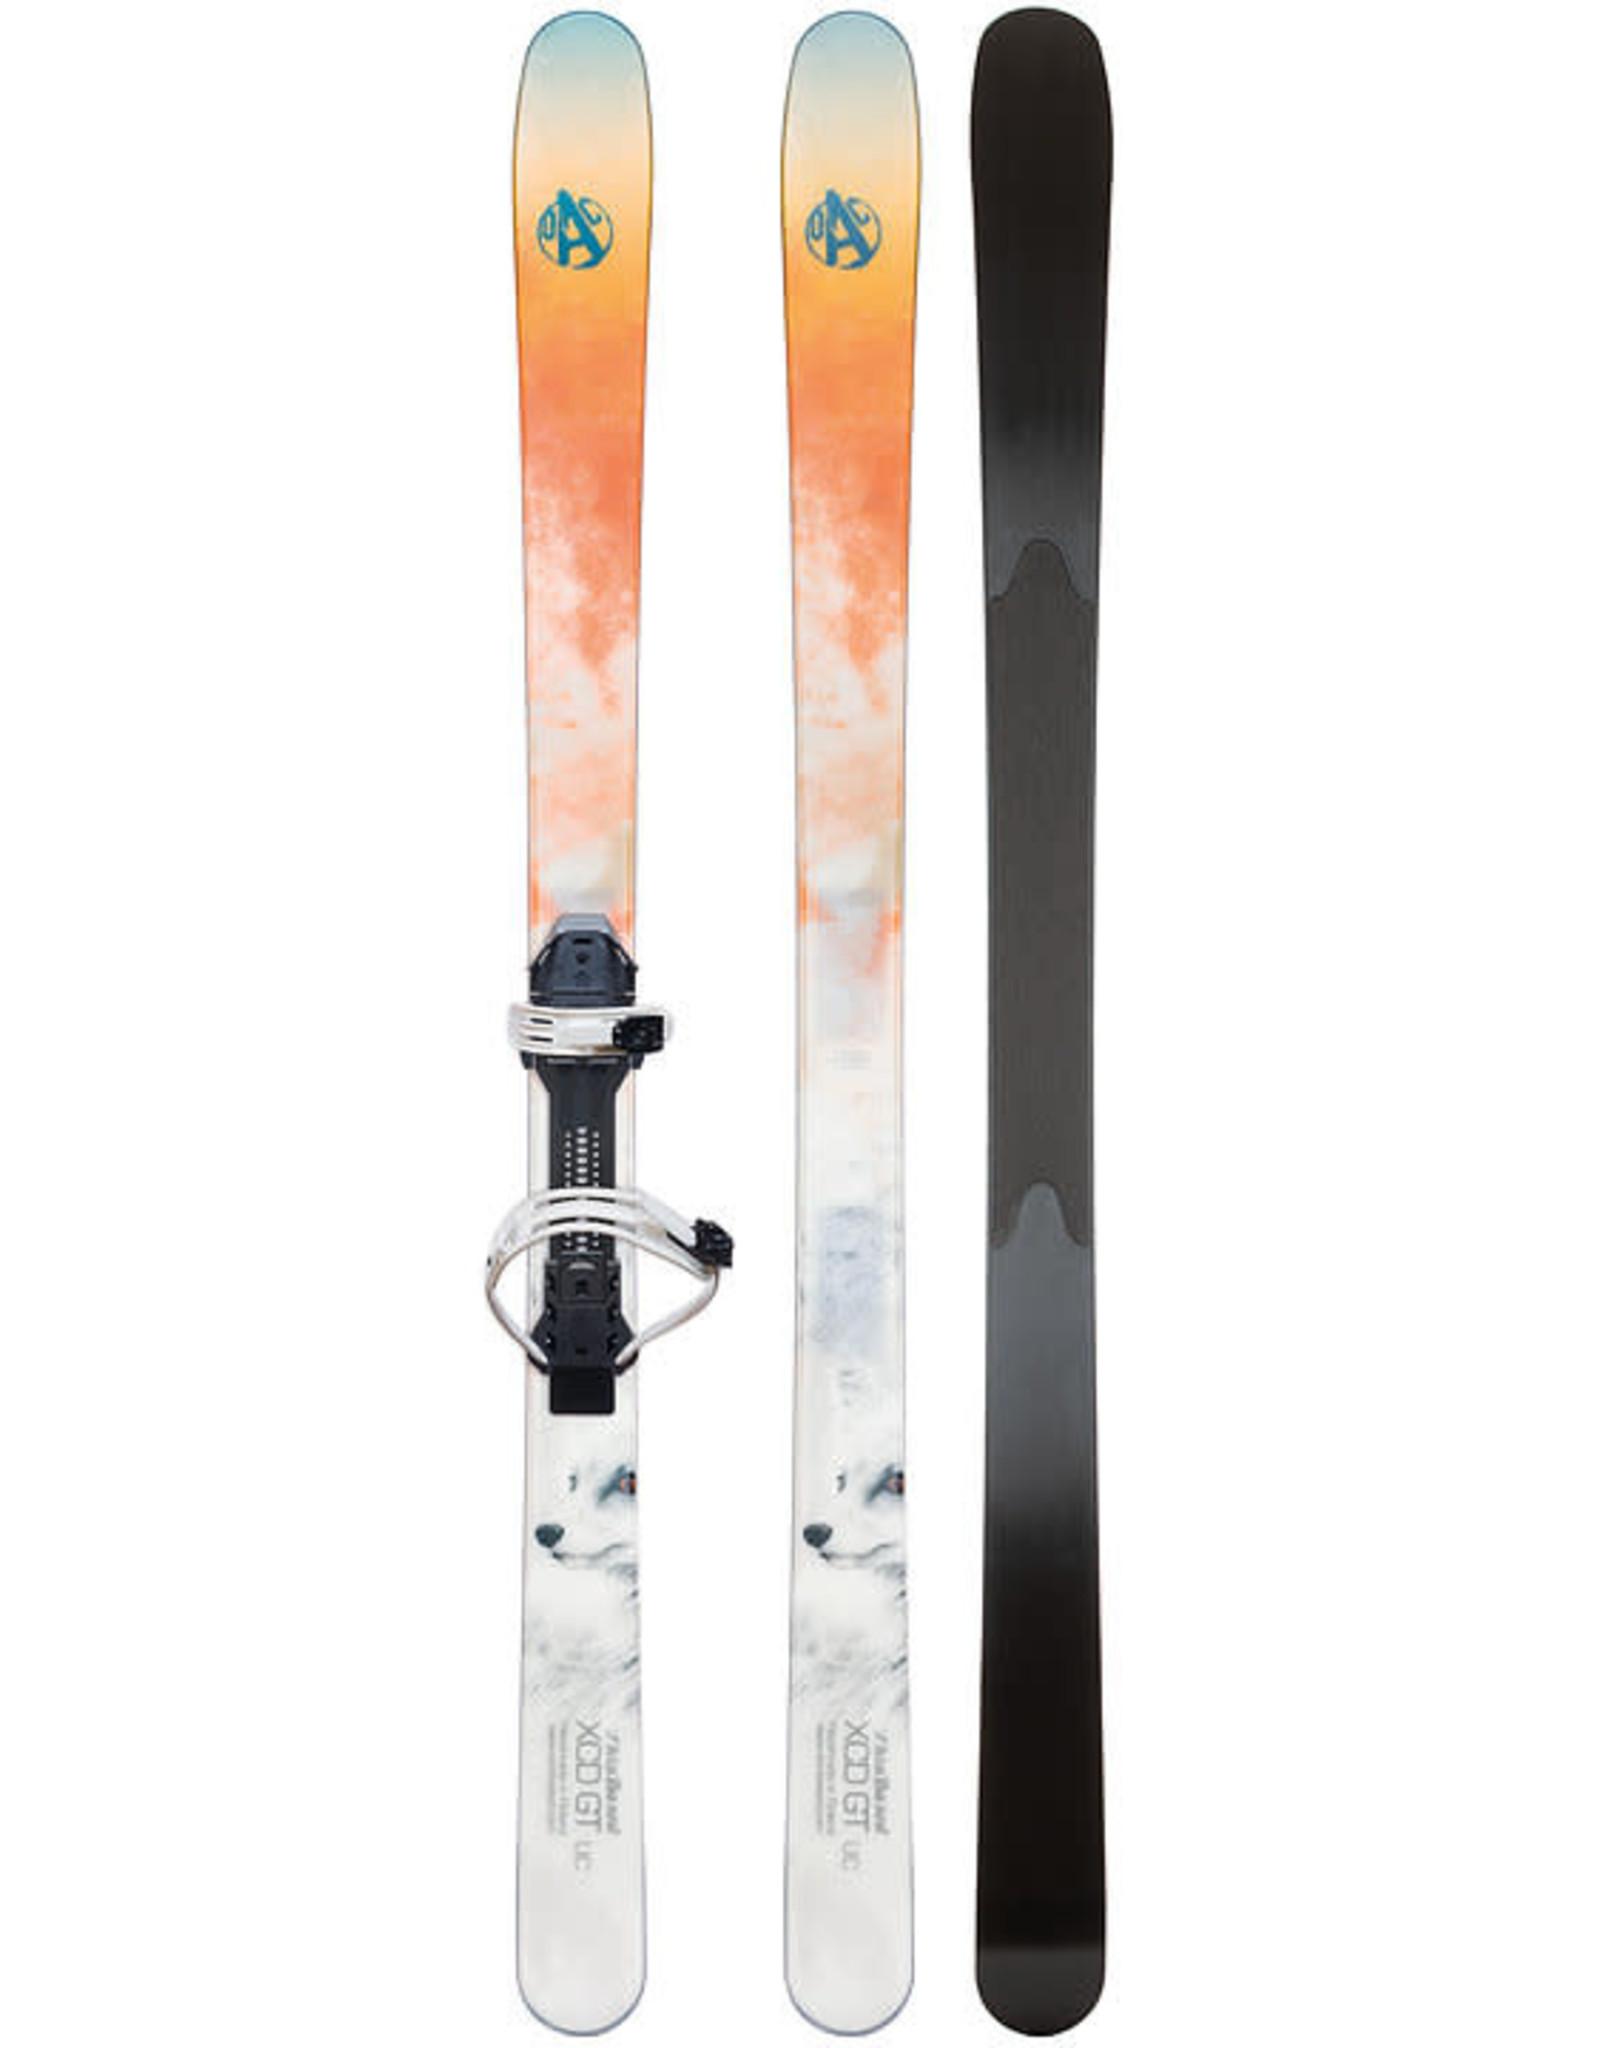 OAC SKINBASED OAC ski Hok XCD GT 160cm  with UC EA binding 22